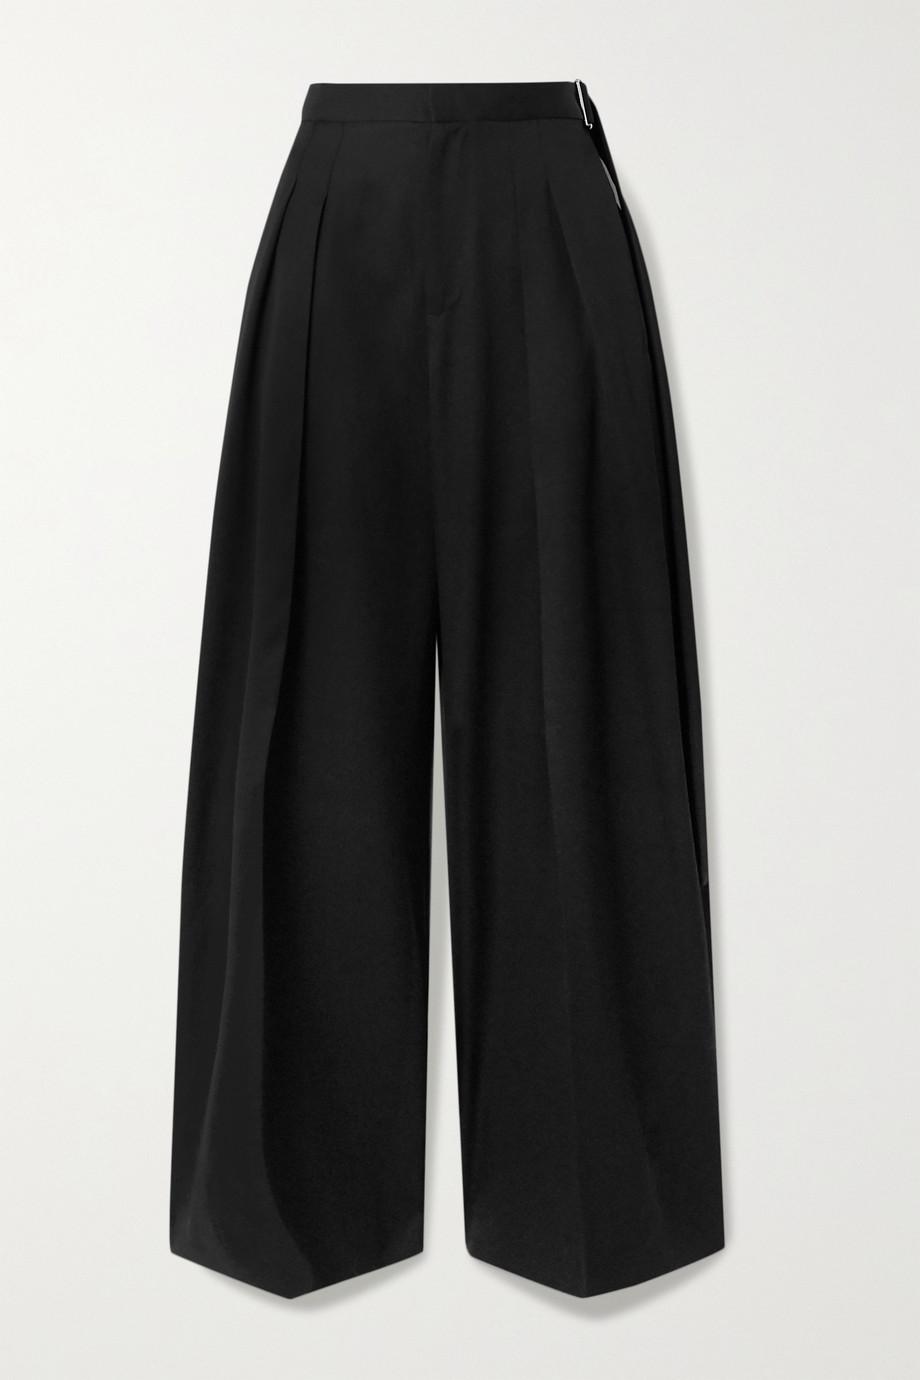 JW Anderson Belted wool-twill wide-leg pants